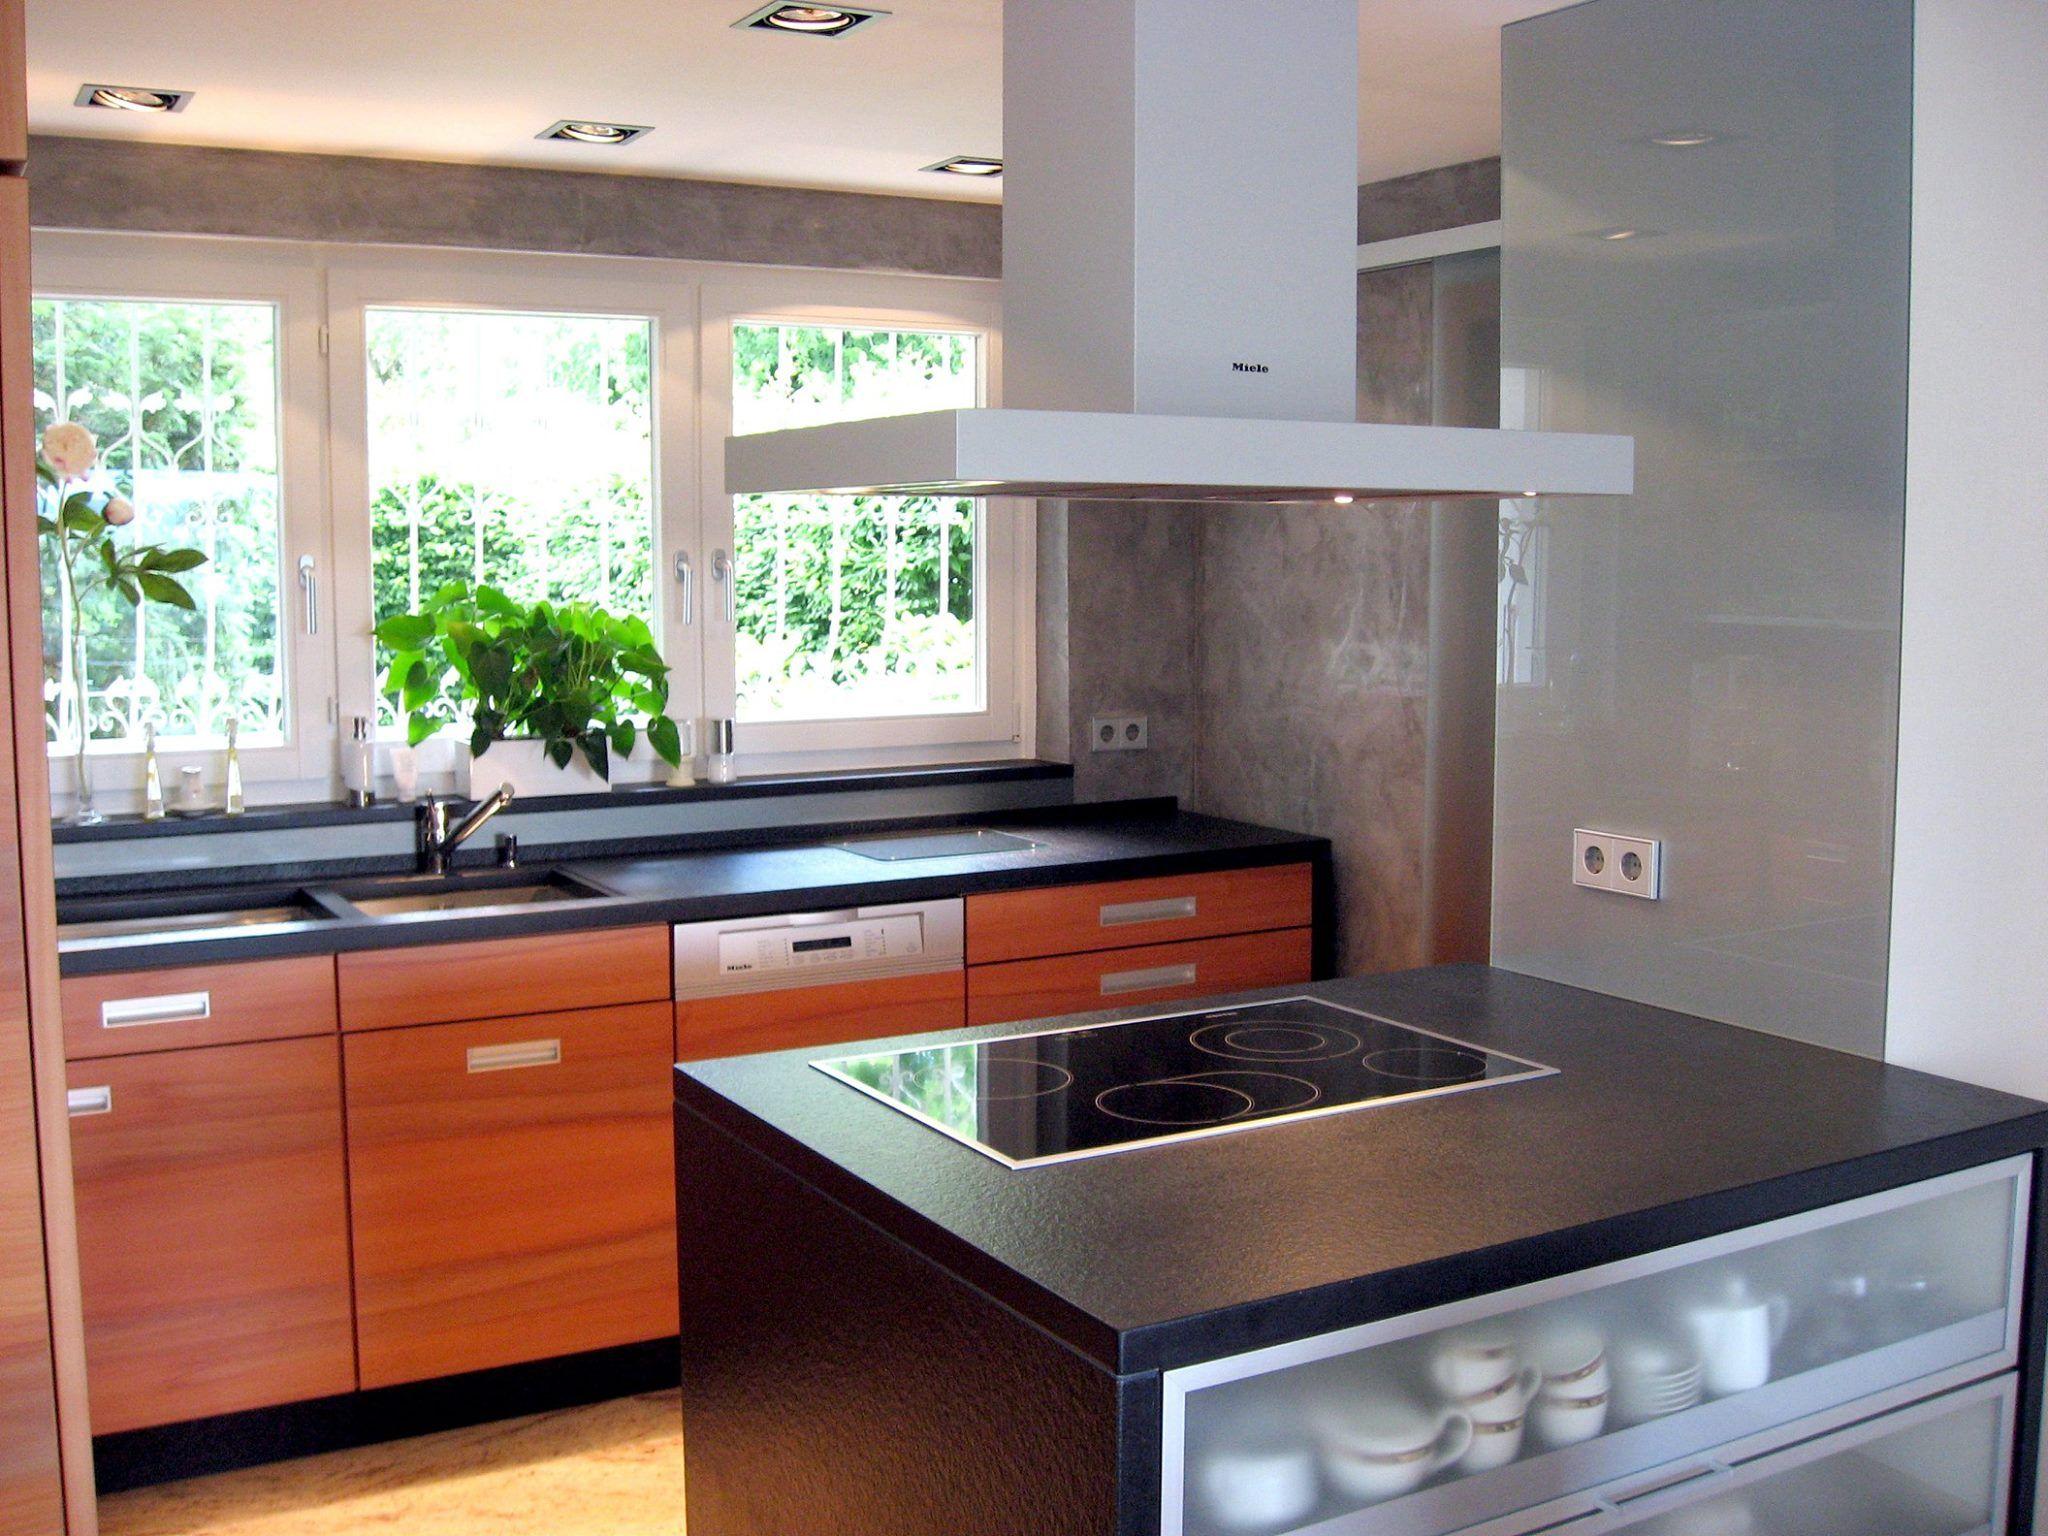 Küchendesign von fliesen kitchen design  küchen design  küchen  kitchen  pinterest